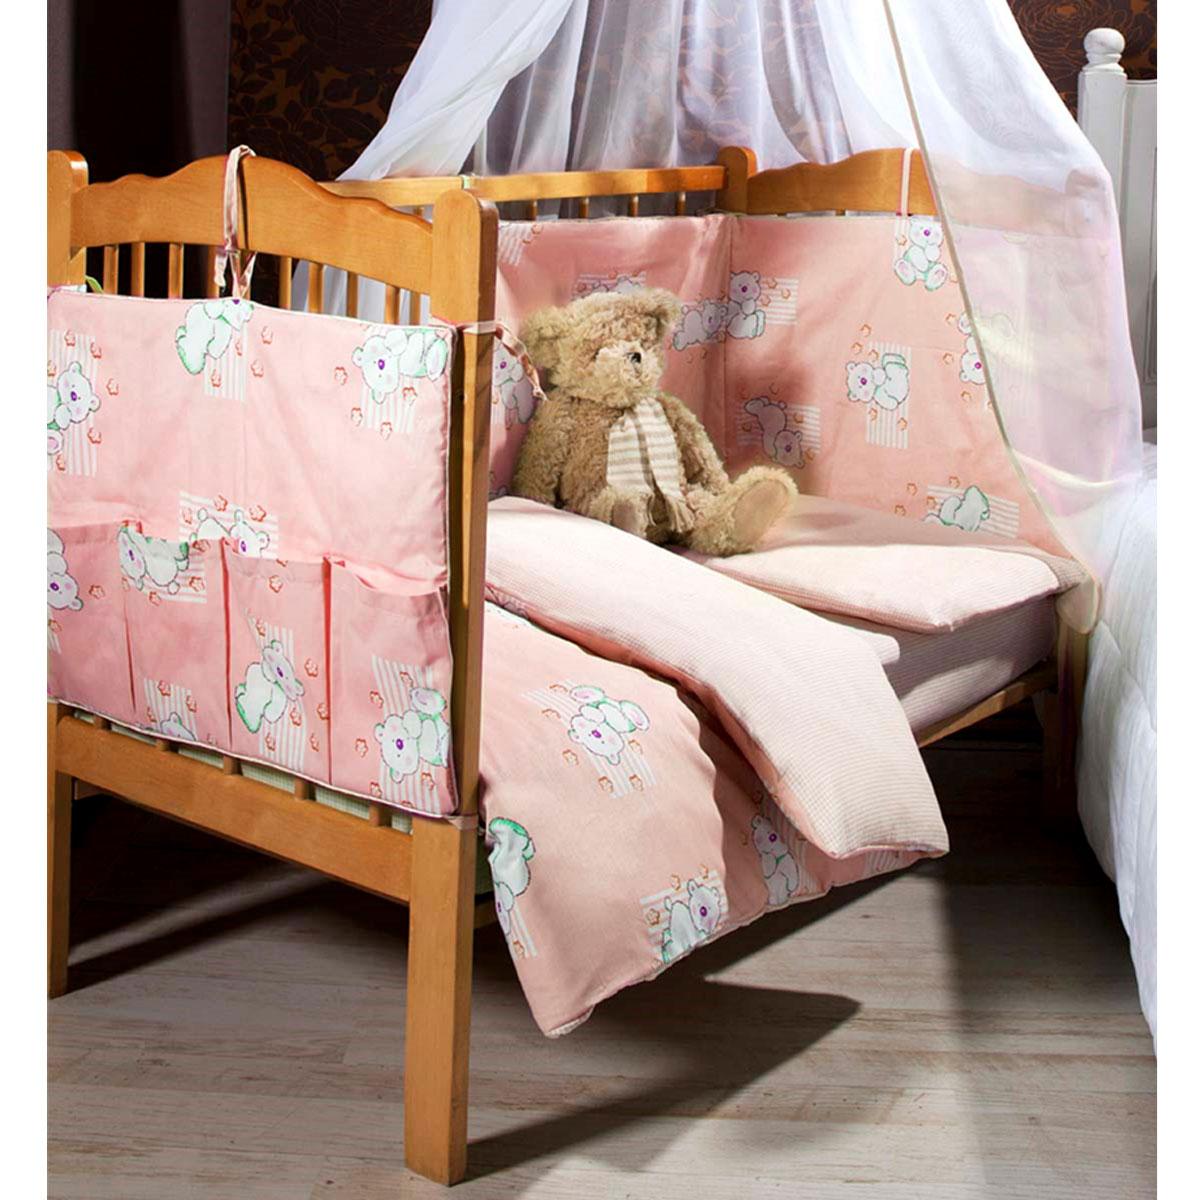 Детское постельное белье Primavelle Dreammy (ясельный спальный КПБ, хлопок, наволочка 42х62), цвет: розовый115124260-26Детское постельное белье Primavelle Dreammy прекрасно подойдет для вашего малыша. Текстиль произведен из 100% хлопка. При нанесении рисунка используются безопасные натуральные красители, не вызывающие аллергии. Гладкая структура делает ткань приятной на ощупь, она прочная и хорошо сохраняет форму, мало мнется и устойчива к частым стиркам. Комплект состоит из наволочки, простыни и пододеяльника. Яркий рисунок непременно понравится вашему ребенку. В комплект входят: Пододеяльник - 1 шт. Размер: 145 см х 115 см. Простыня - 1 шт. Размер: 180 см х 120 см. Наволочка - 1 шт. Размер: 42 см х 62 см.